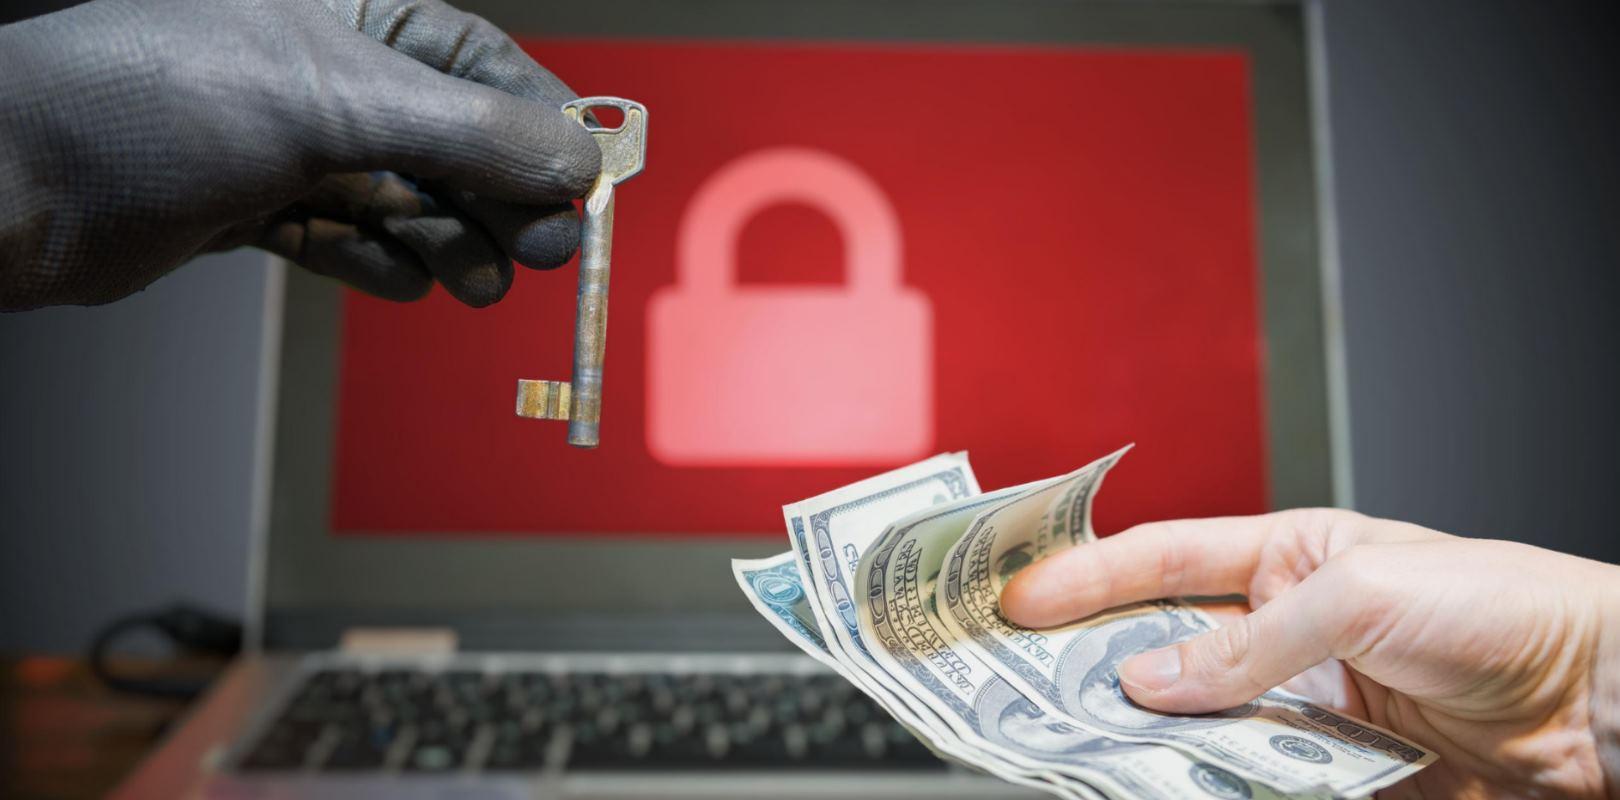 Garmin pagaría los millones que pedían sus secuestradores, según fuentes